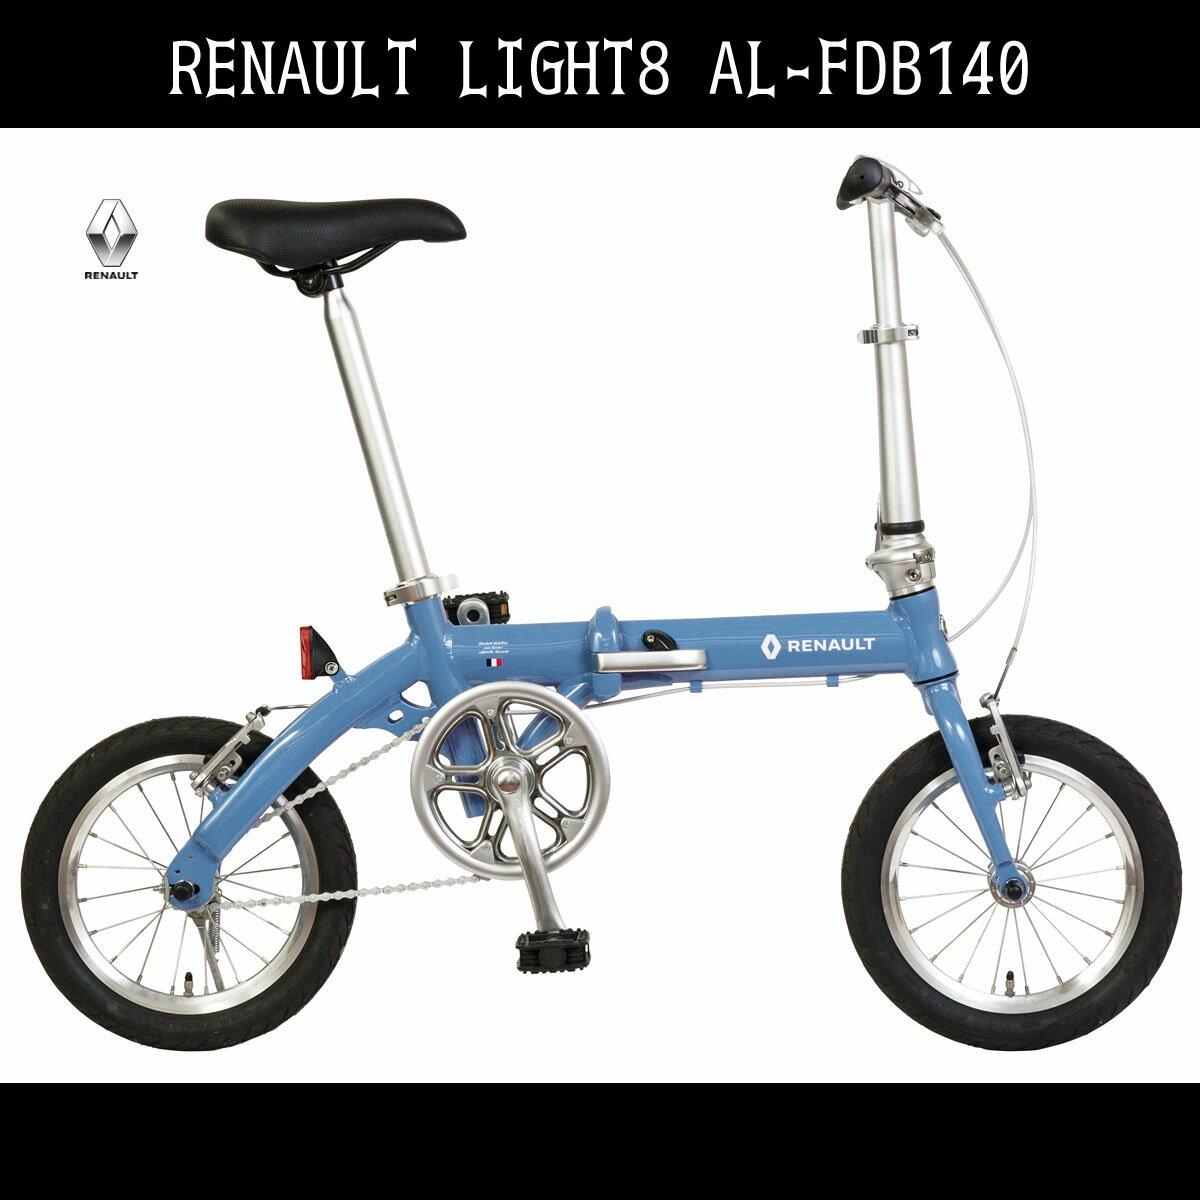 2台セット販売【送料無料 自転車 ルノー(RENAULT)自転車】折りたたみ自転車 ブルー/青【14インチ 軽量 ギアなし 折りたたみ自転車】ルノー LIGHT8(AL-FDB140)(ライトエイト) アルミニウム ルノー RENAULT LIGHT8 AL-FDB140 軽くて、小さい折りたたみ自転車。高さ調整機能付きアルミハンドルステム。ルノーはプレゼントや通勤・通学用自転車におすすめです。